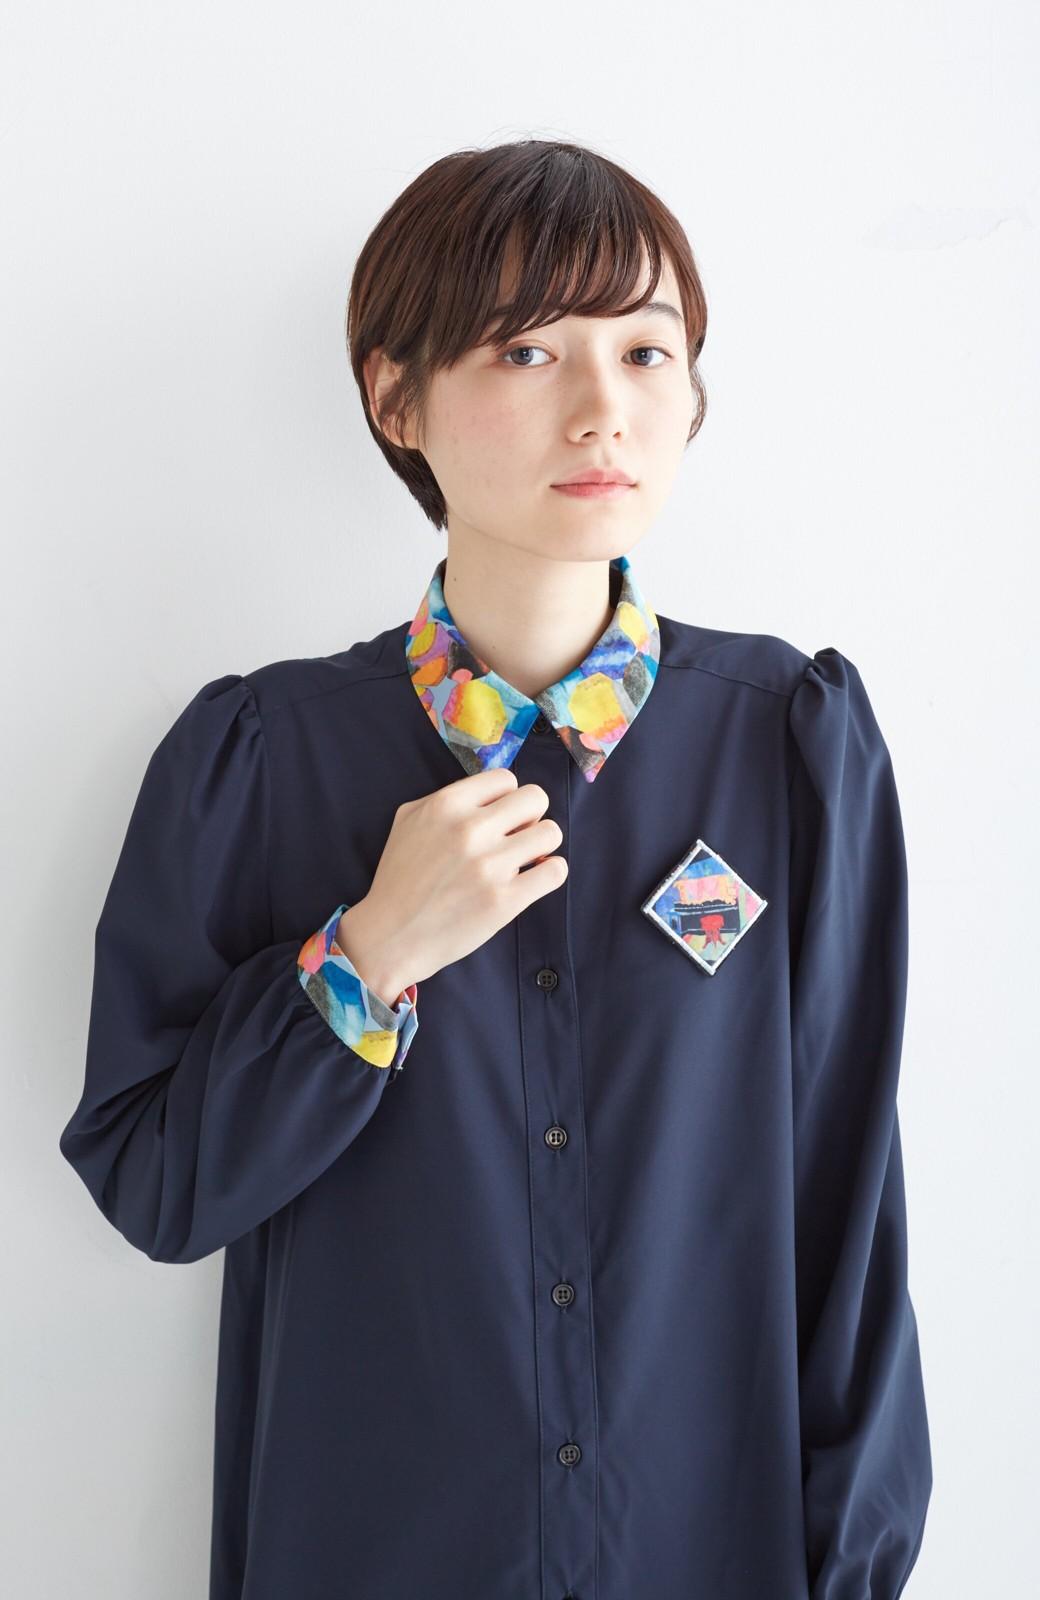 haco! 【再販決定】co&tion×haco. 入谷葉子 おすましワンピースとブローチのセット <ネイビー>の商品写真15